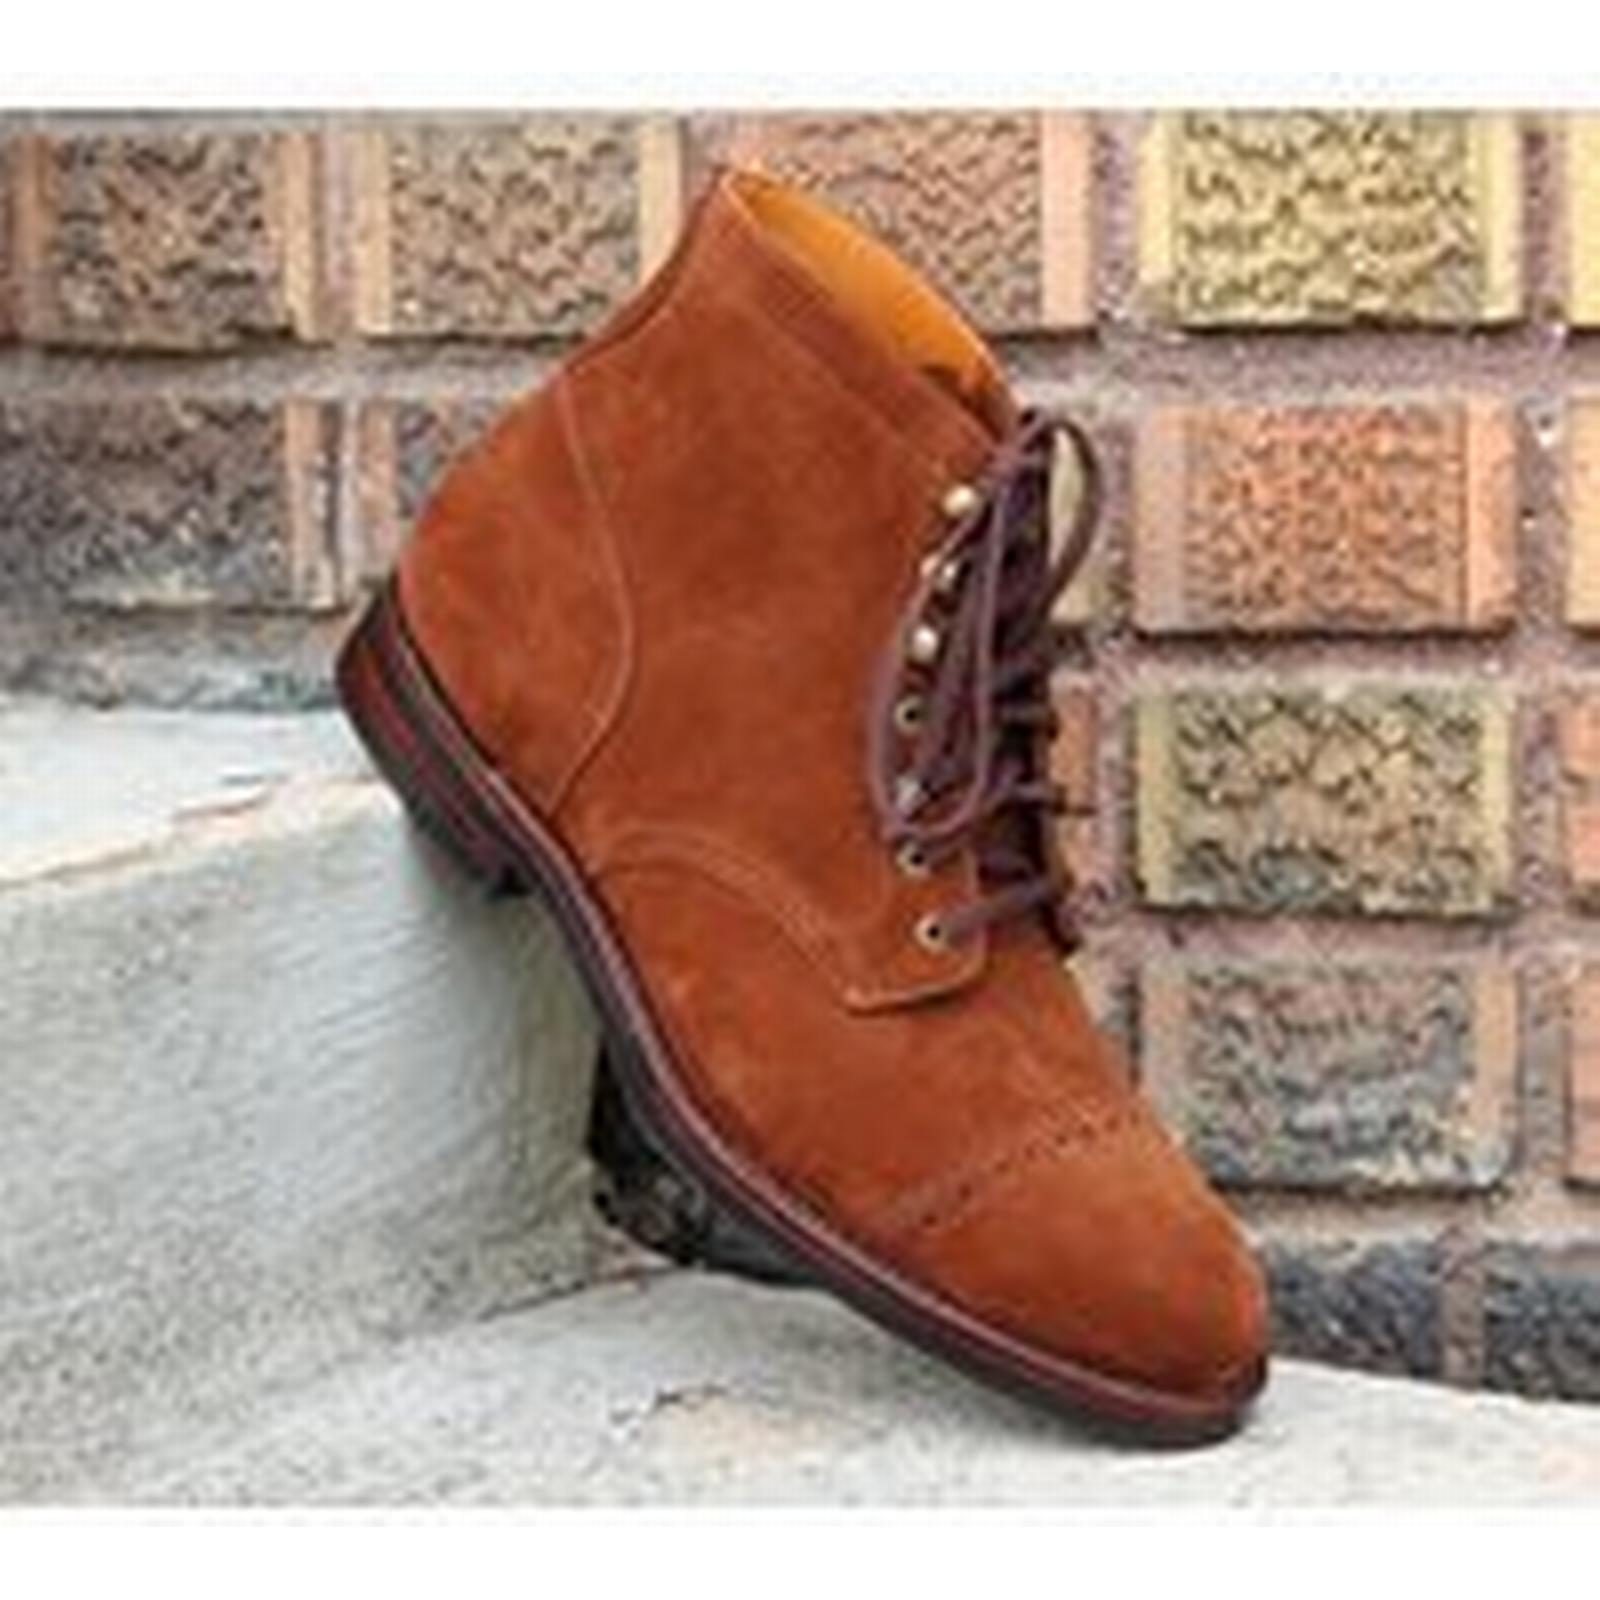 la cheville de de de bonanza (global) des bottes de cuir brun classique haut plafond à des bottes de tep 9f3da0